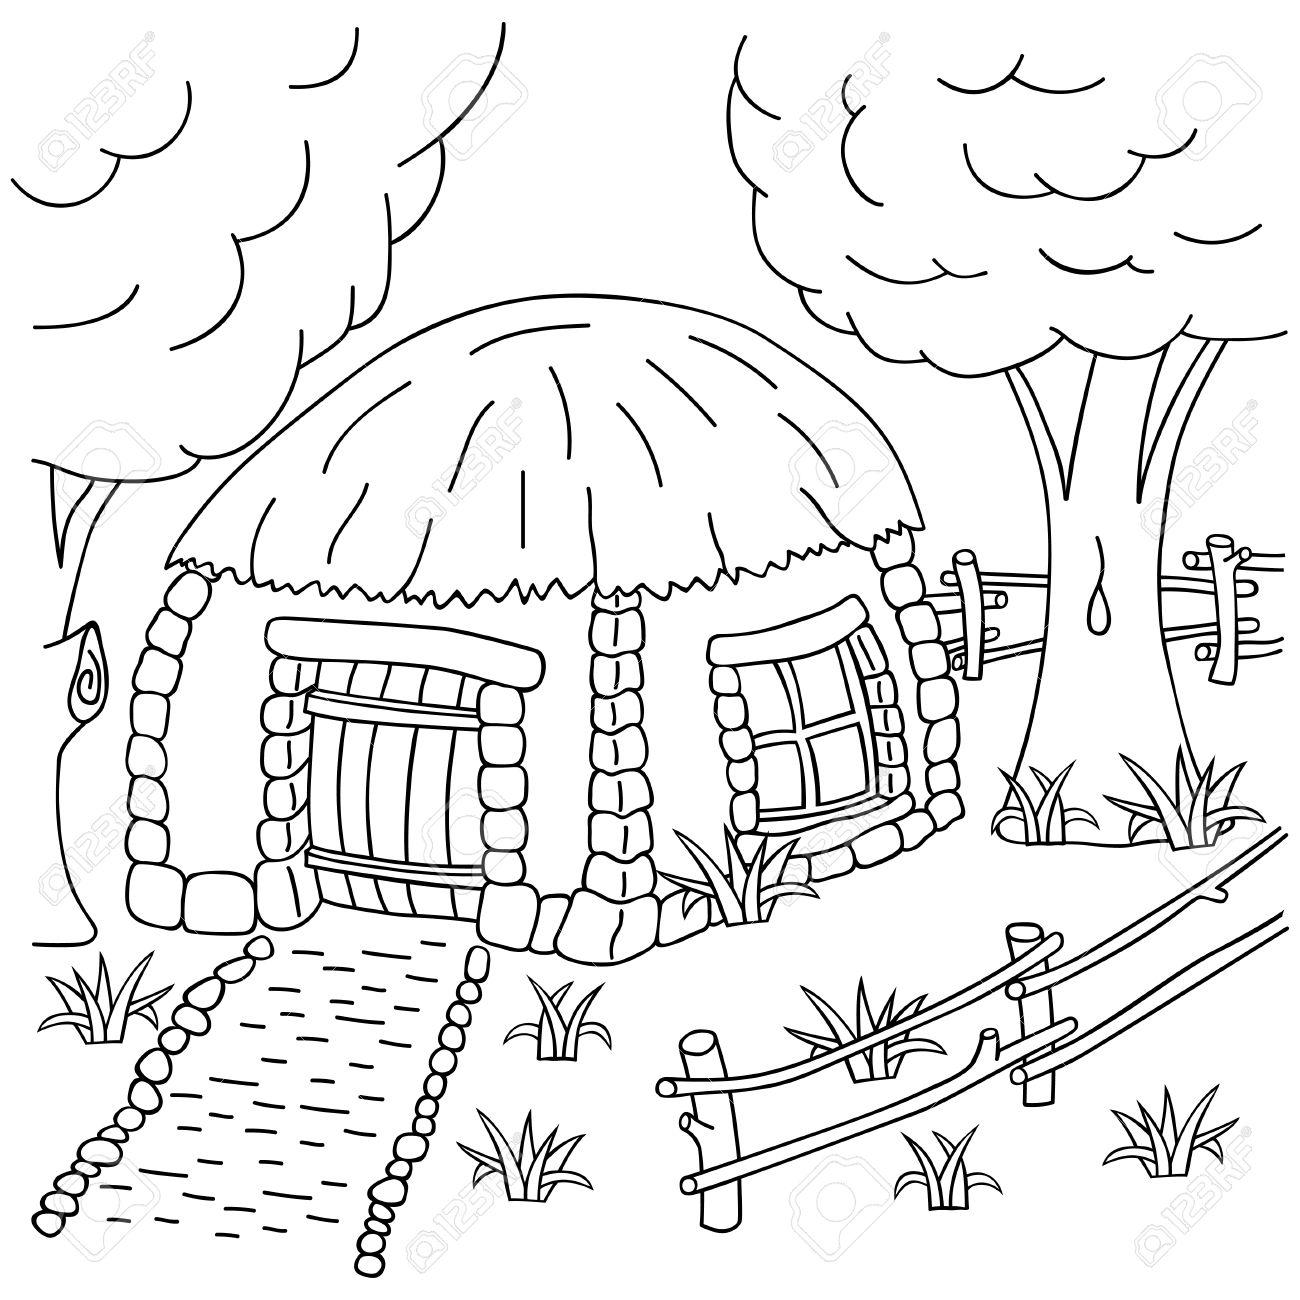 Dibujar A Mano Casa De Pueblo Detras De La Valla Libro De